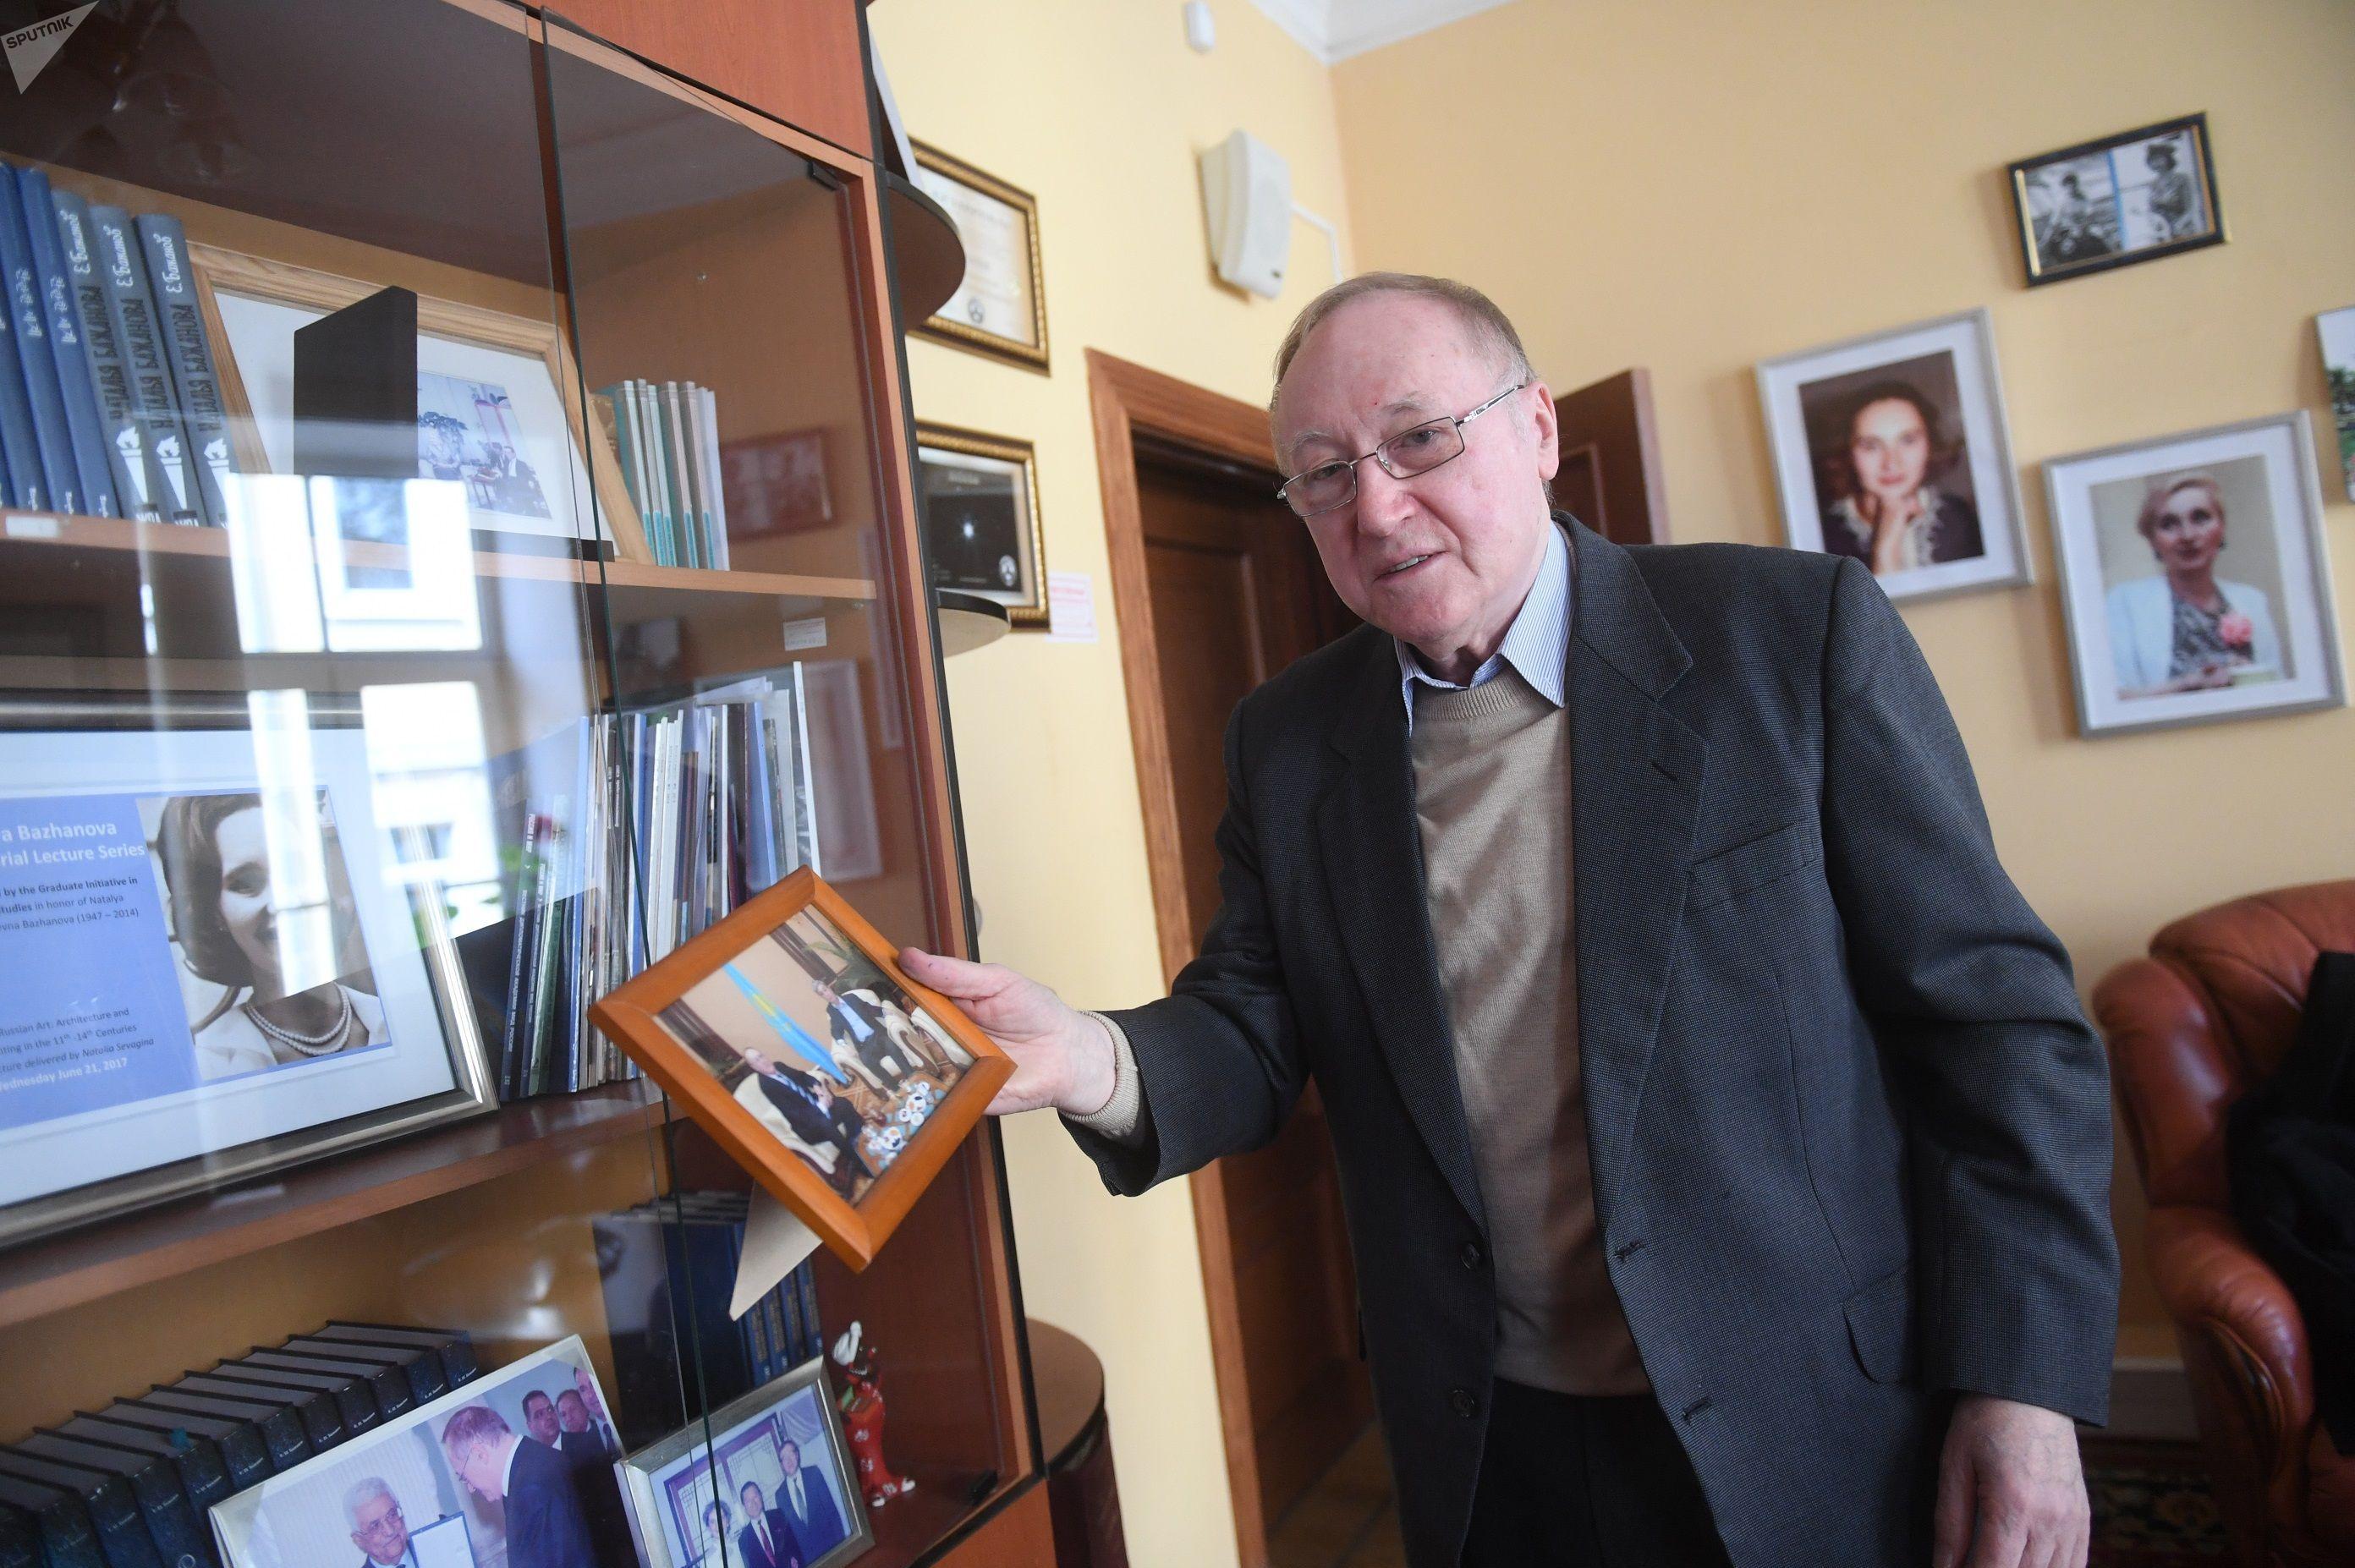 Дипломат Евгений Бажанов показывает фото с Касым-Жомартом Токаевым